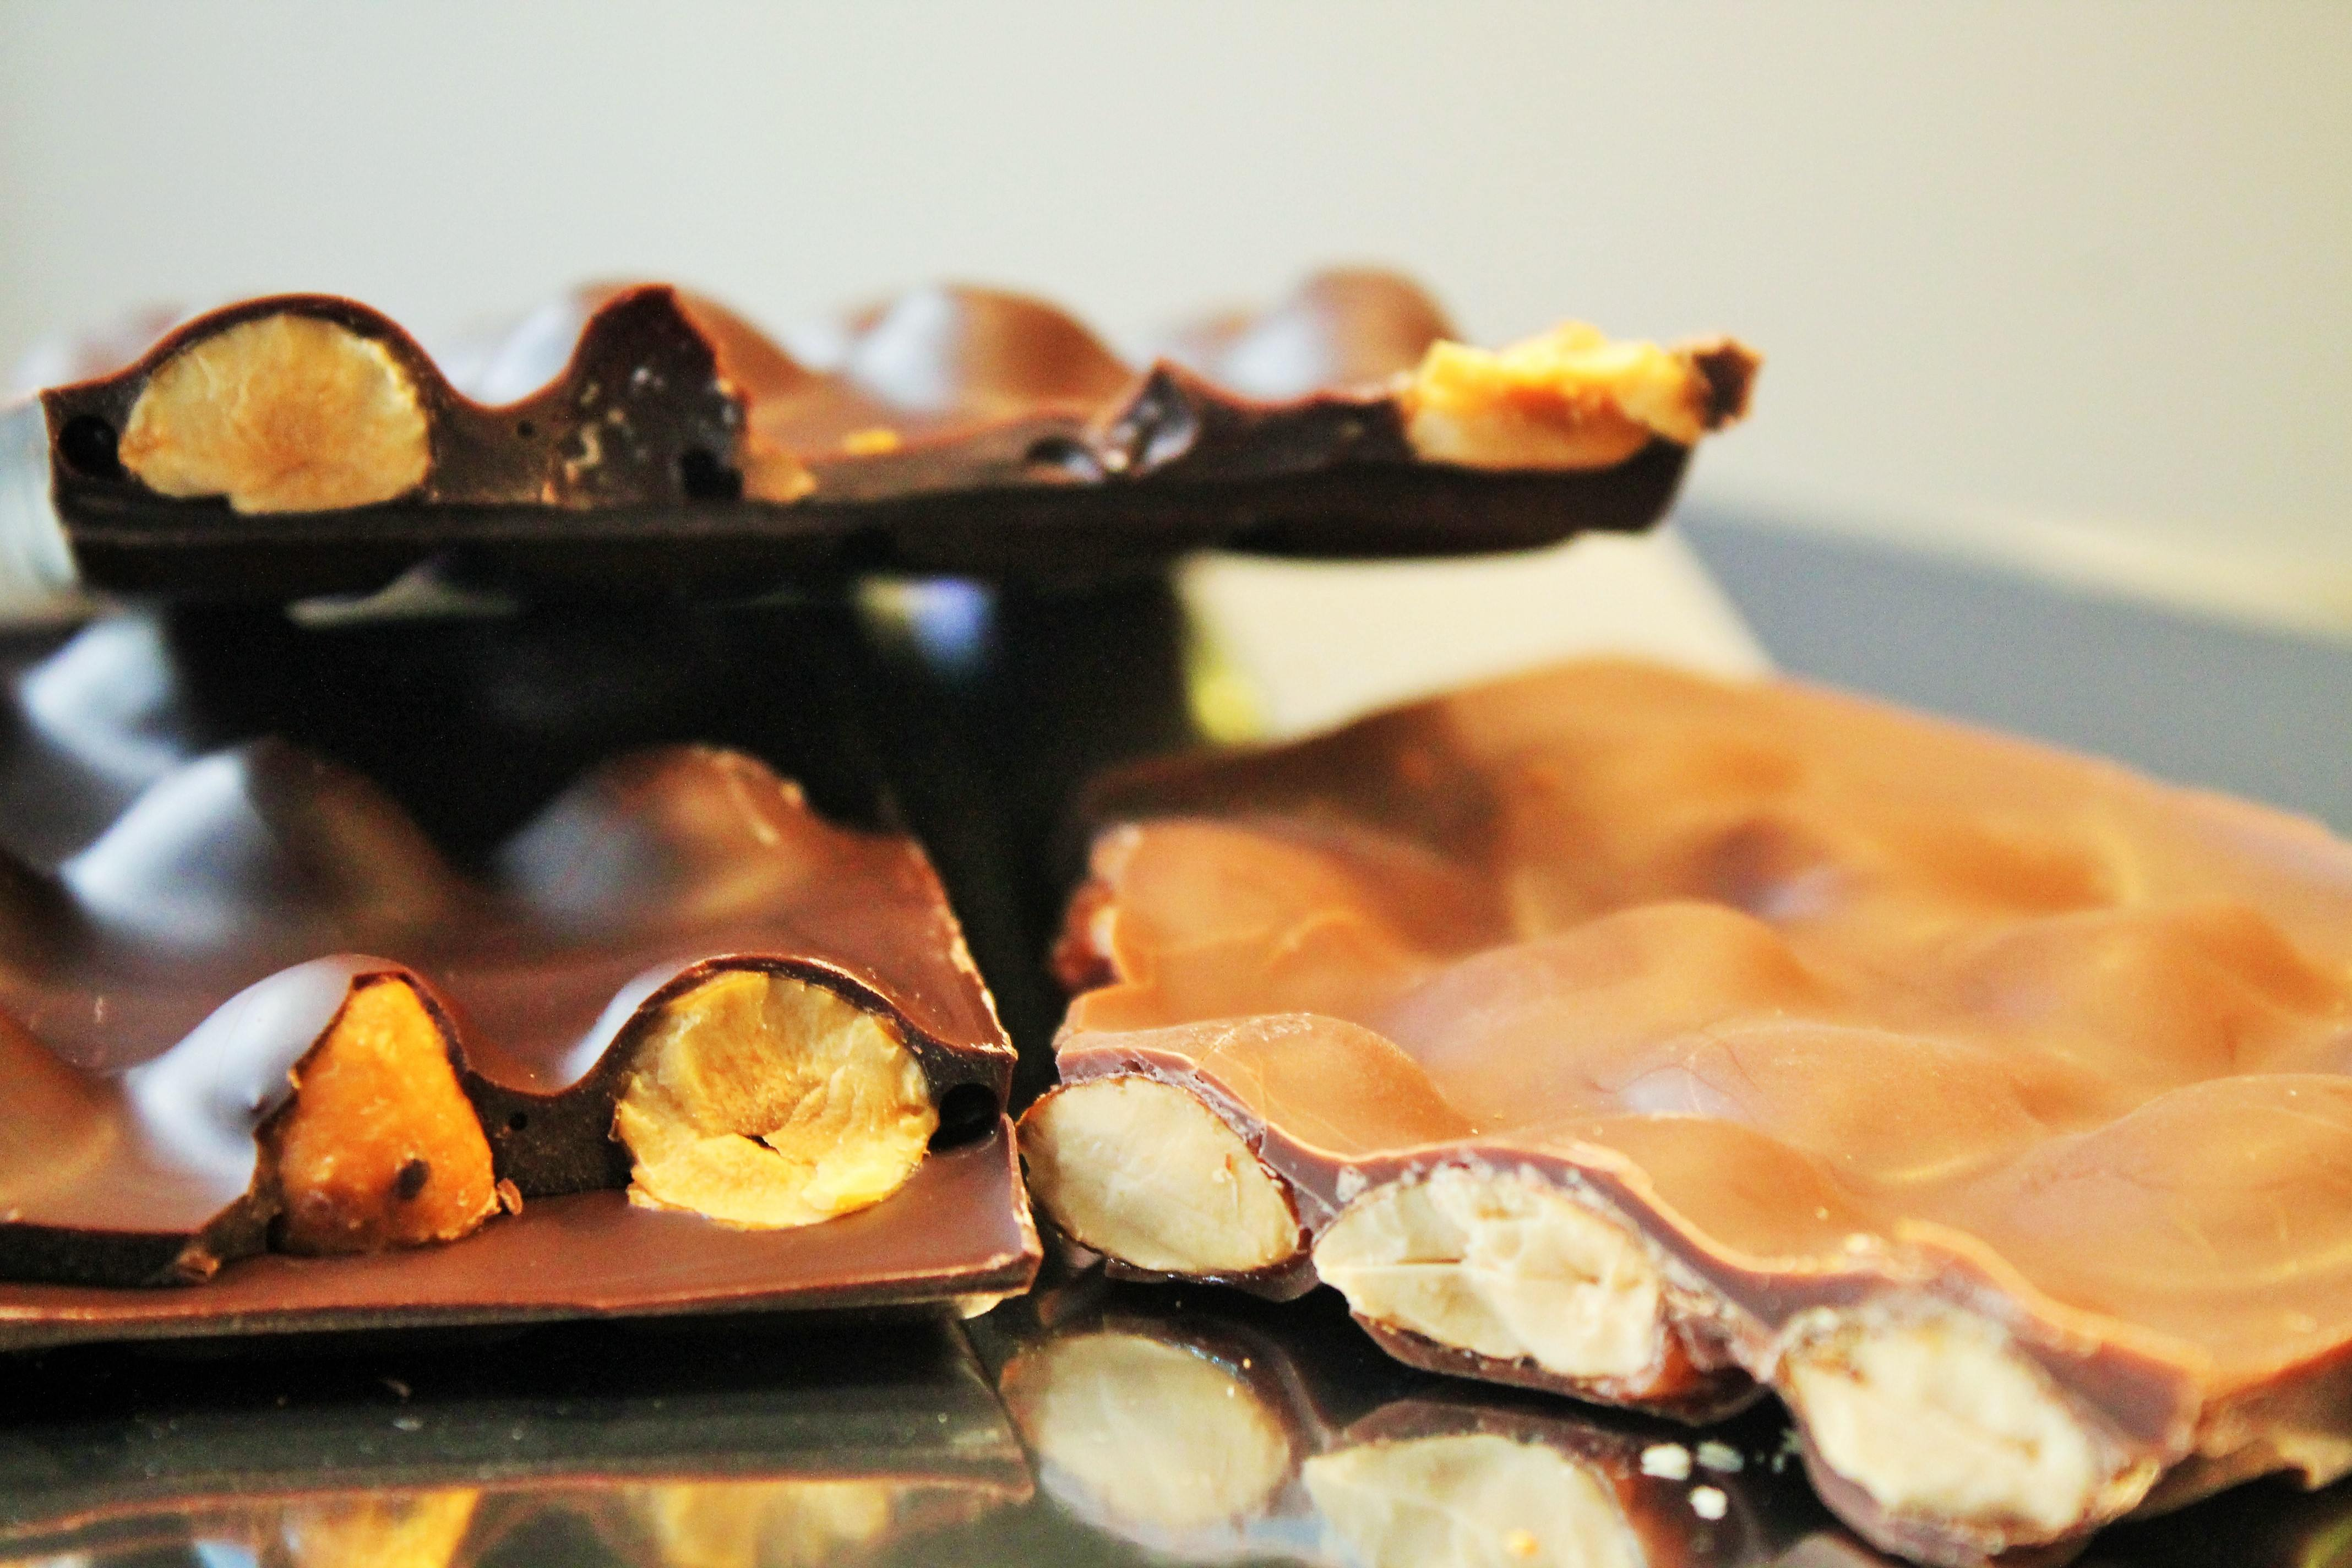 chocolaterie illèné pâtisserie 75018 paris montmartre petit commerce petitscommerces.fr noisettes amandes